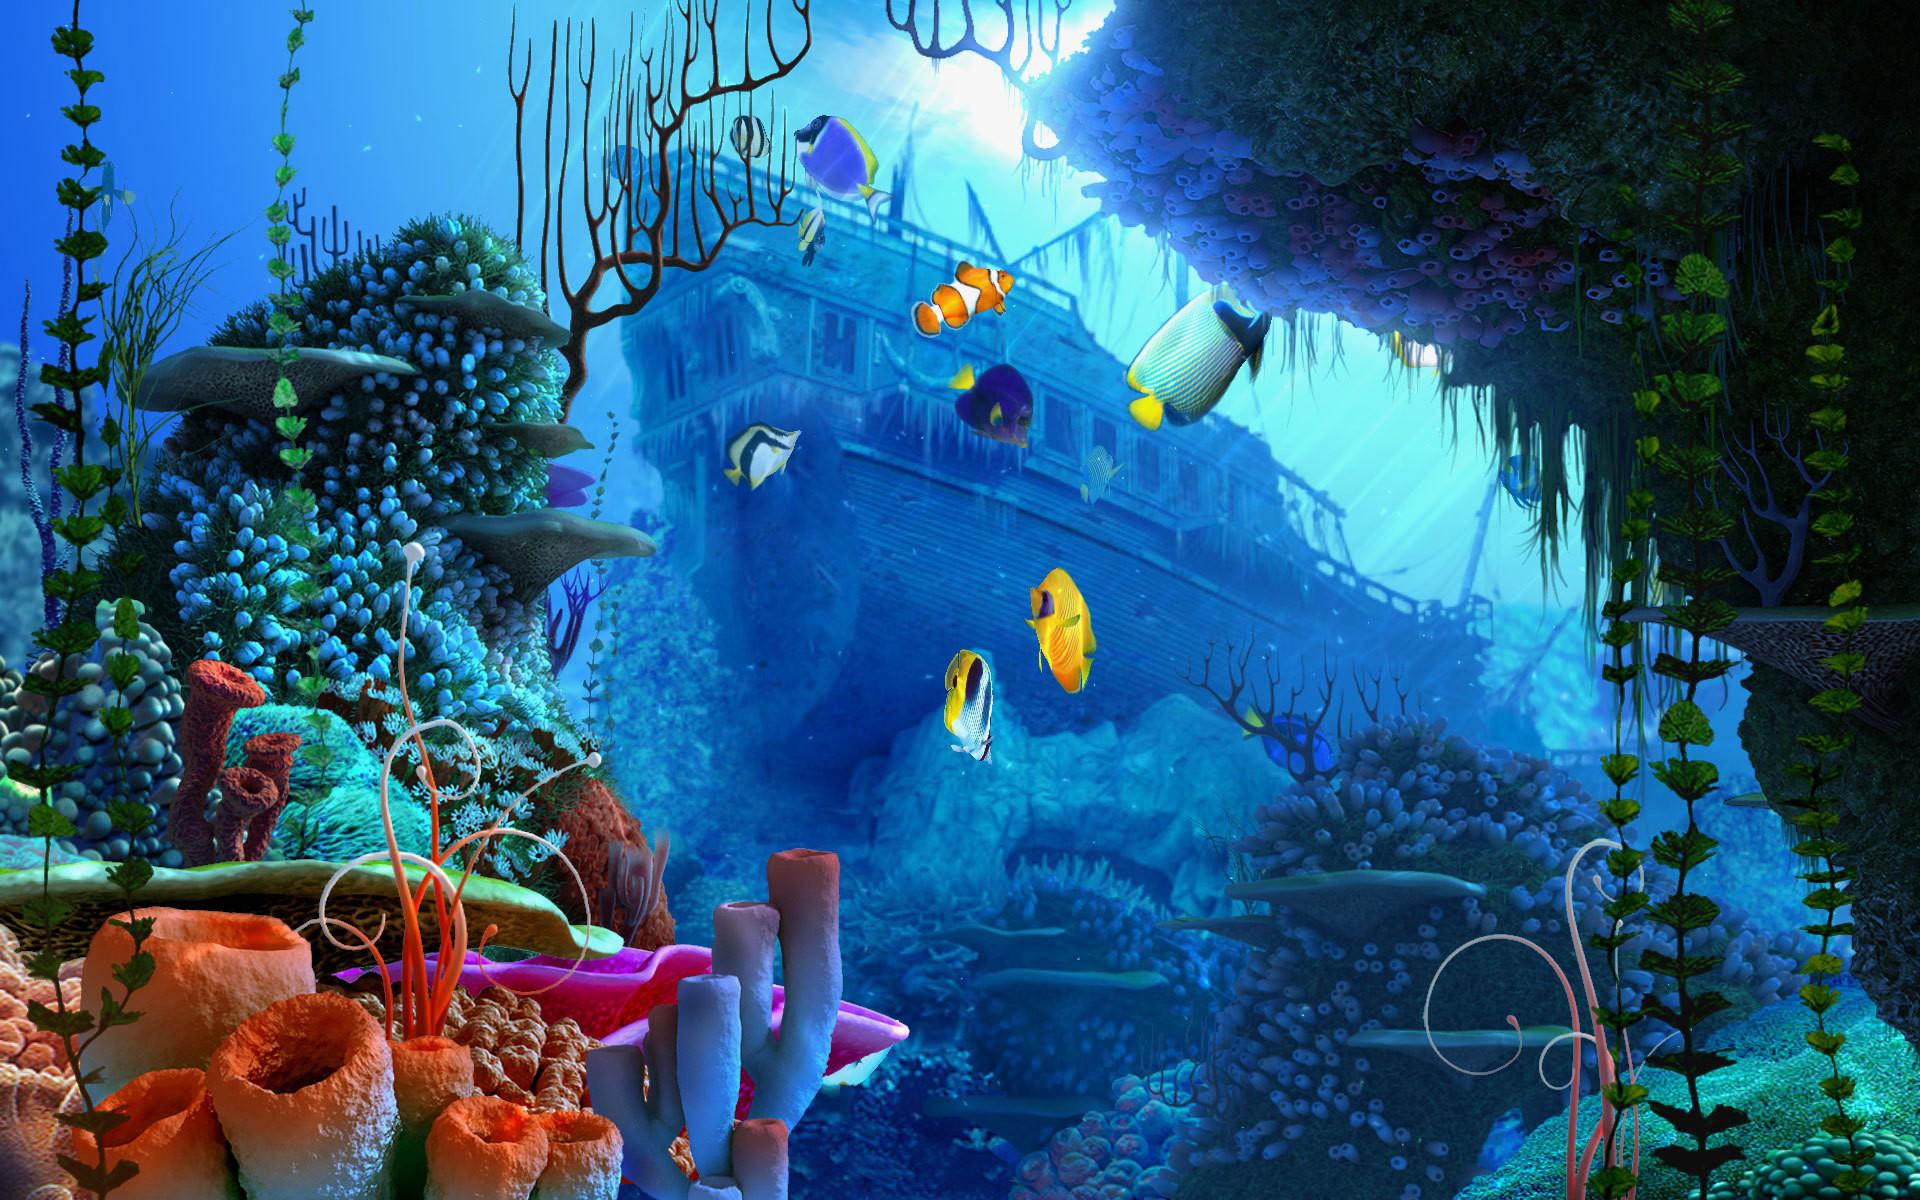 Screen Savers Screensaver Aquarium Coral Screensavers Wallpaper 156148 .